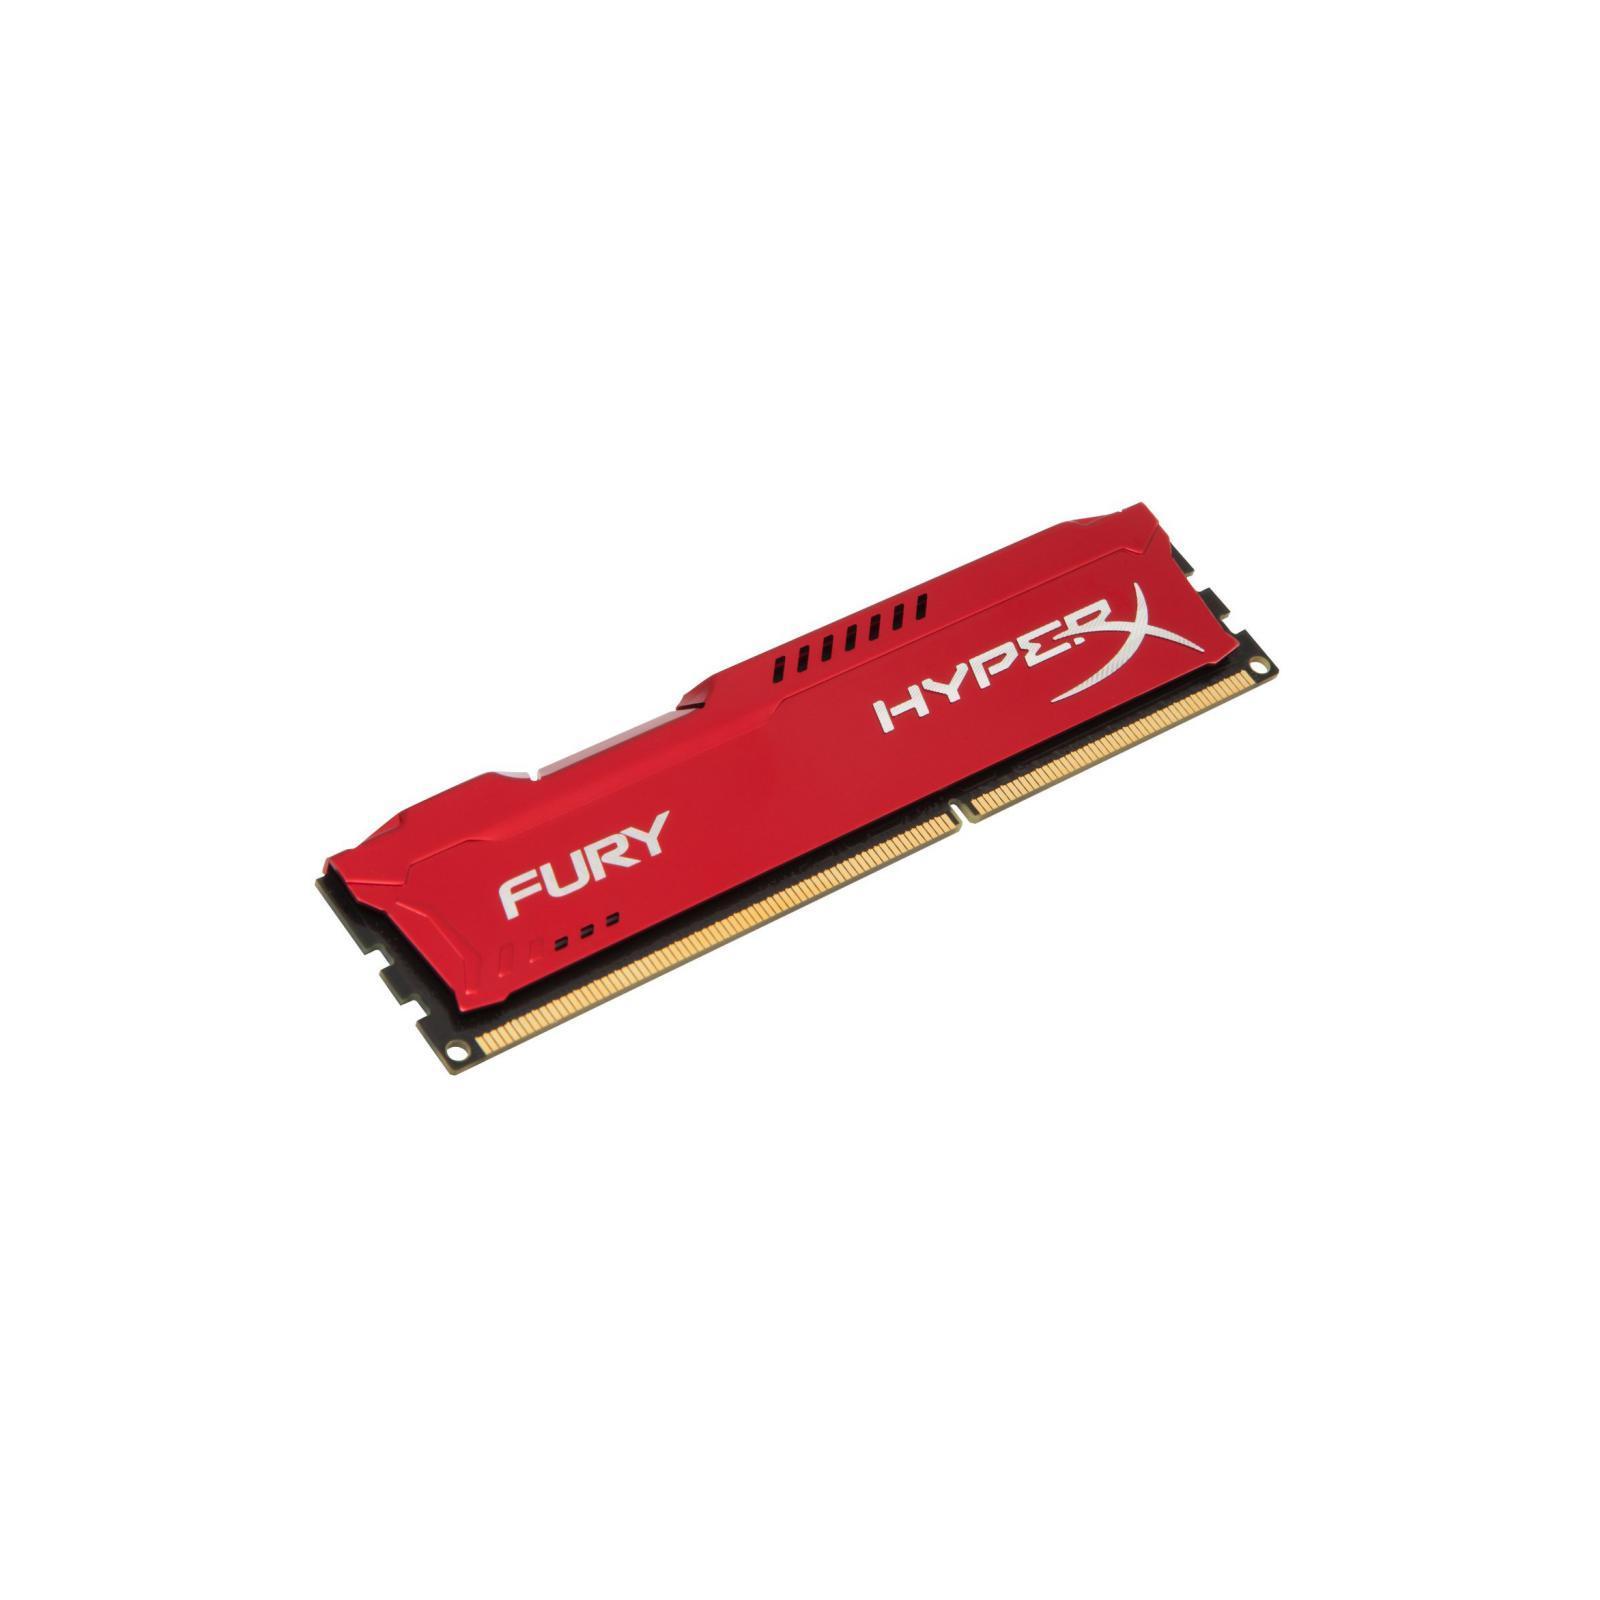 Модуль памяти для компьютера DDR4 16GB 3200 MHz HyperX FURY Red HyperX (Kingston Fury) (HX432C18FR/16) изображение 2